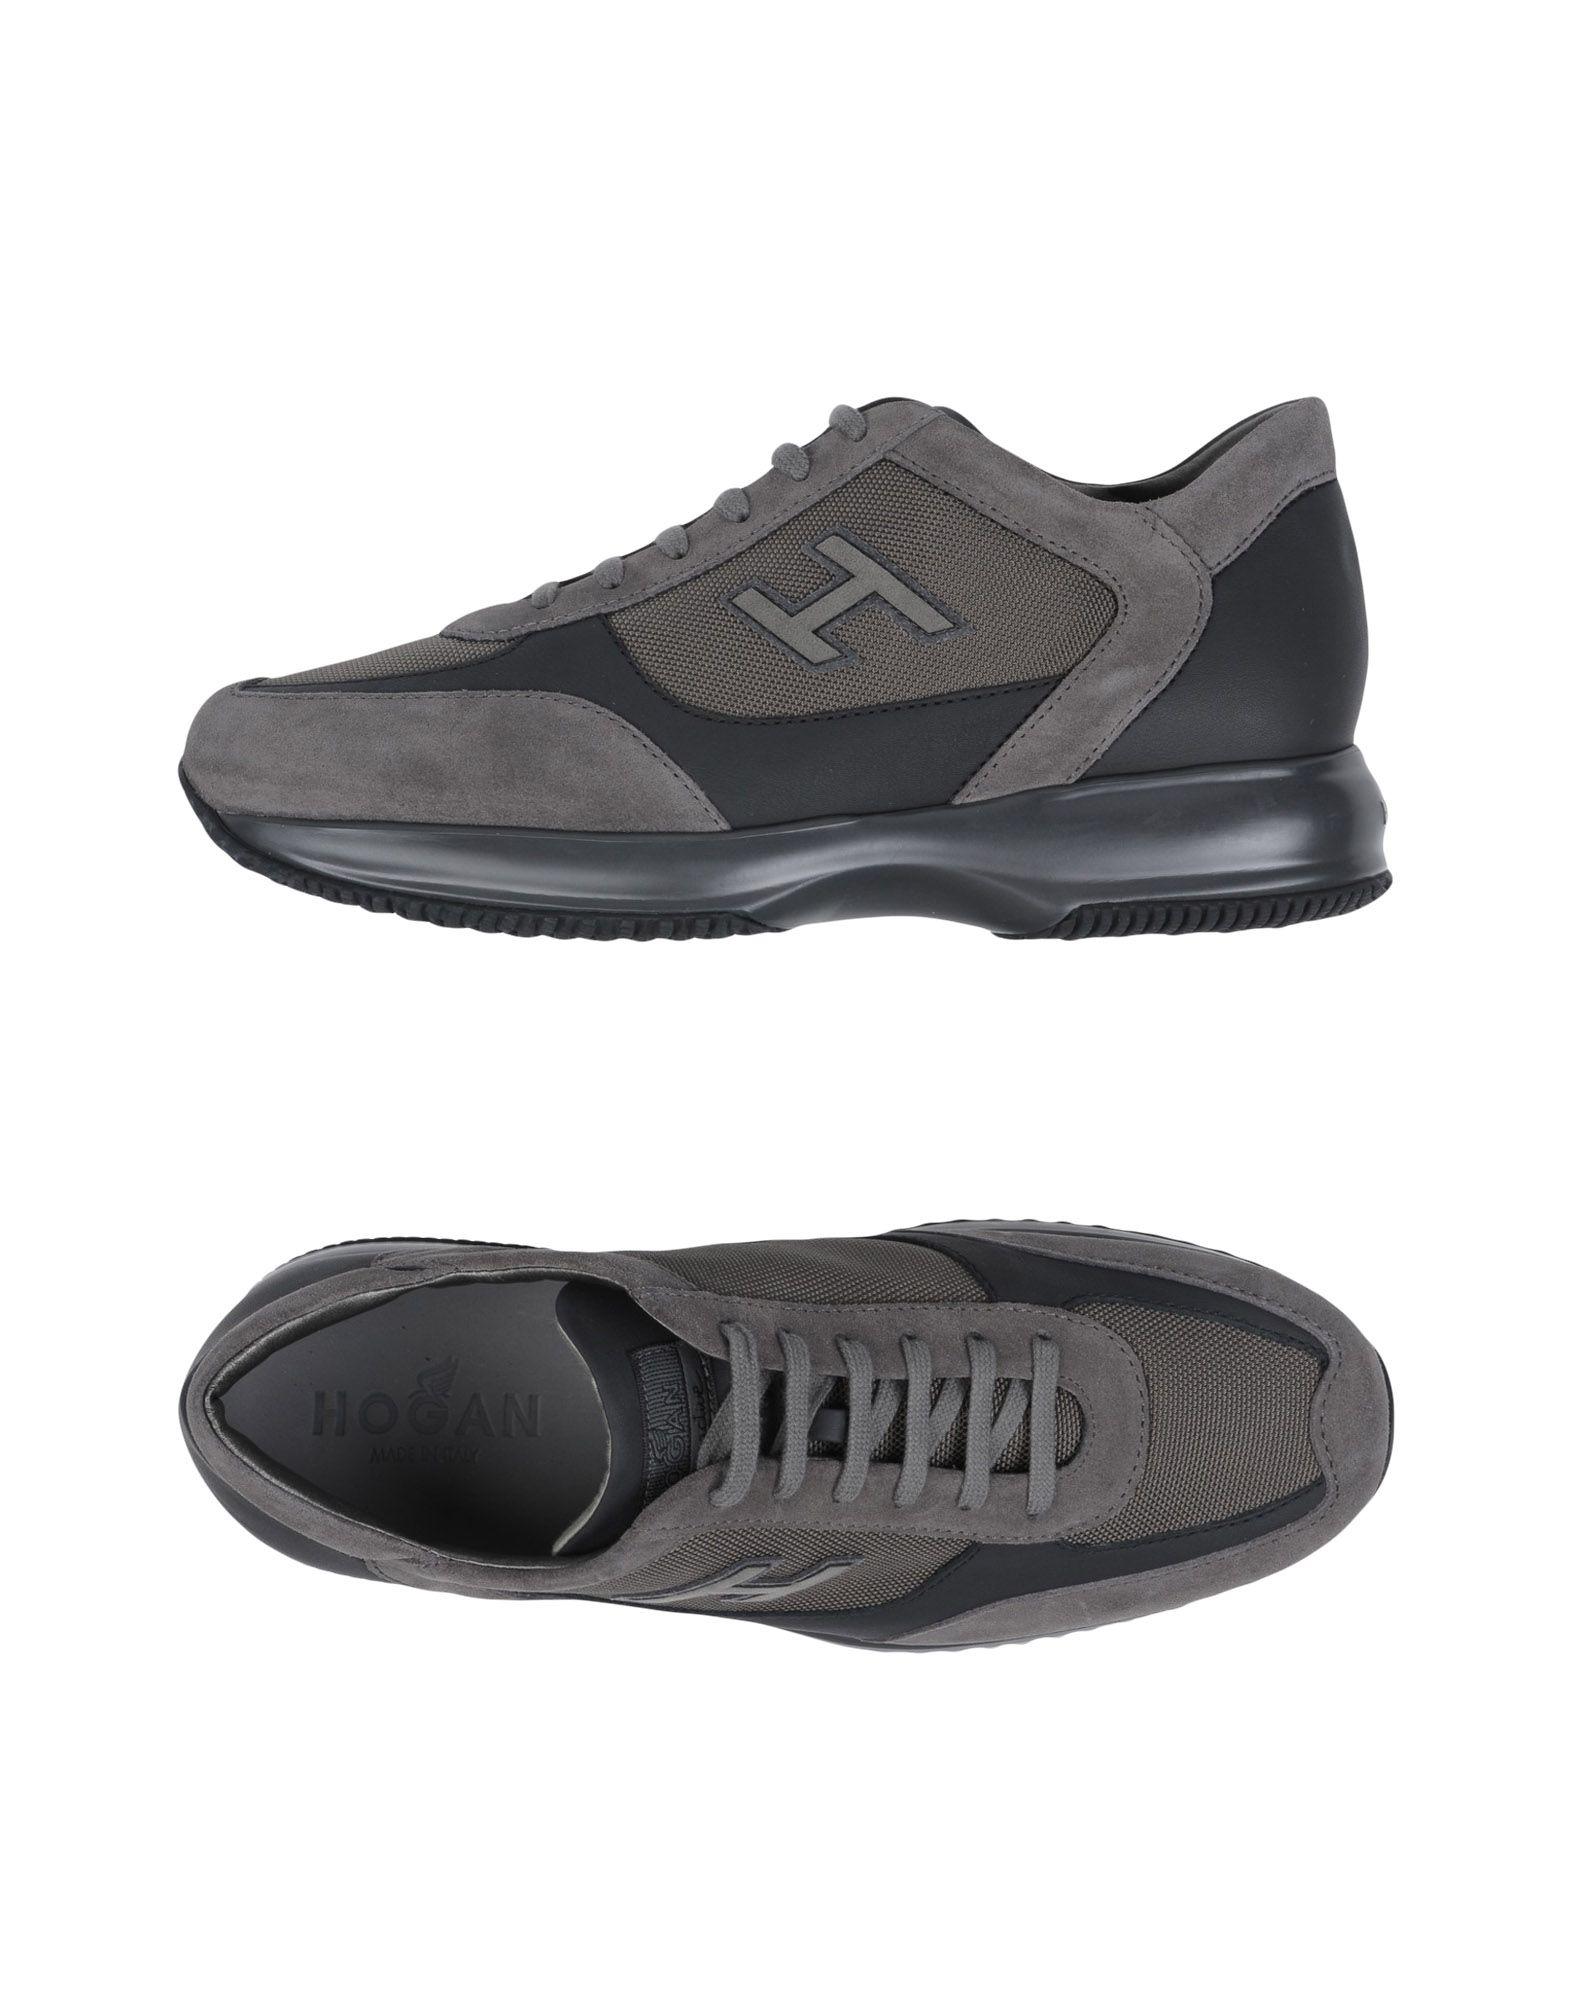 Hogan Sneakers Herren  11291766UD Gute Qualität beliebte Schuhe